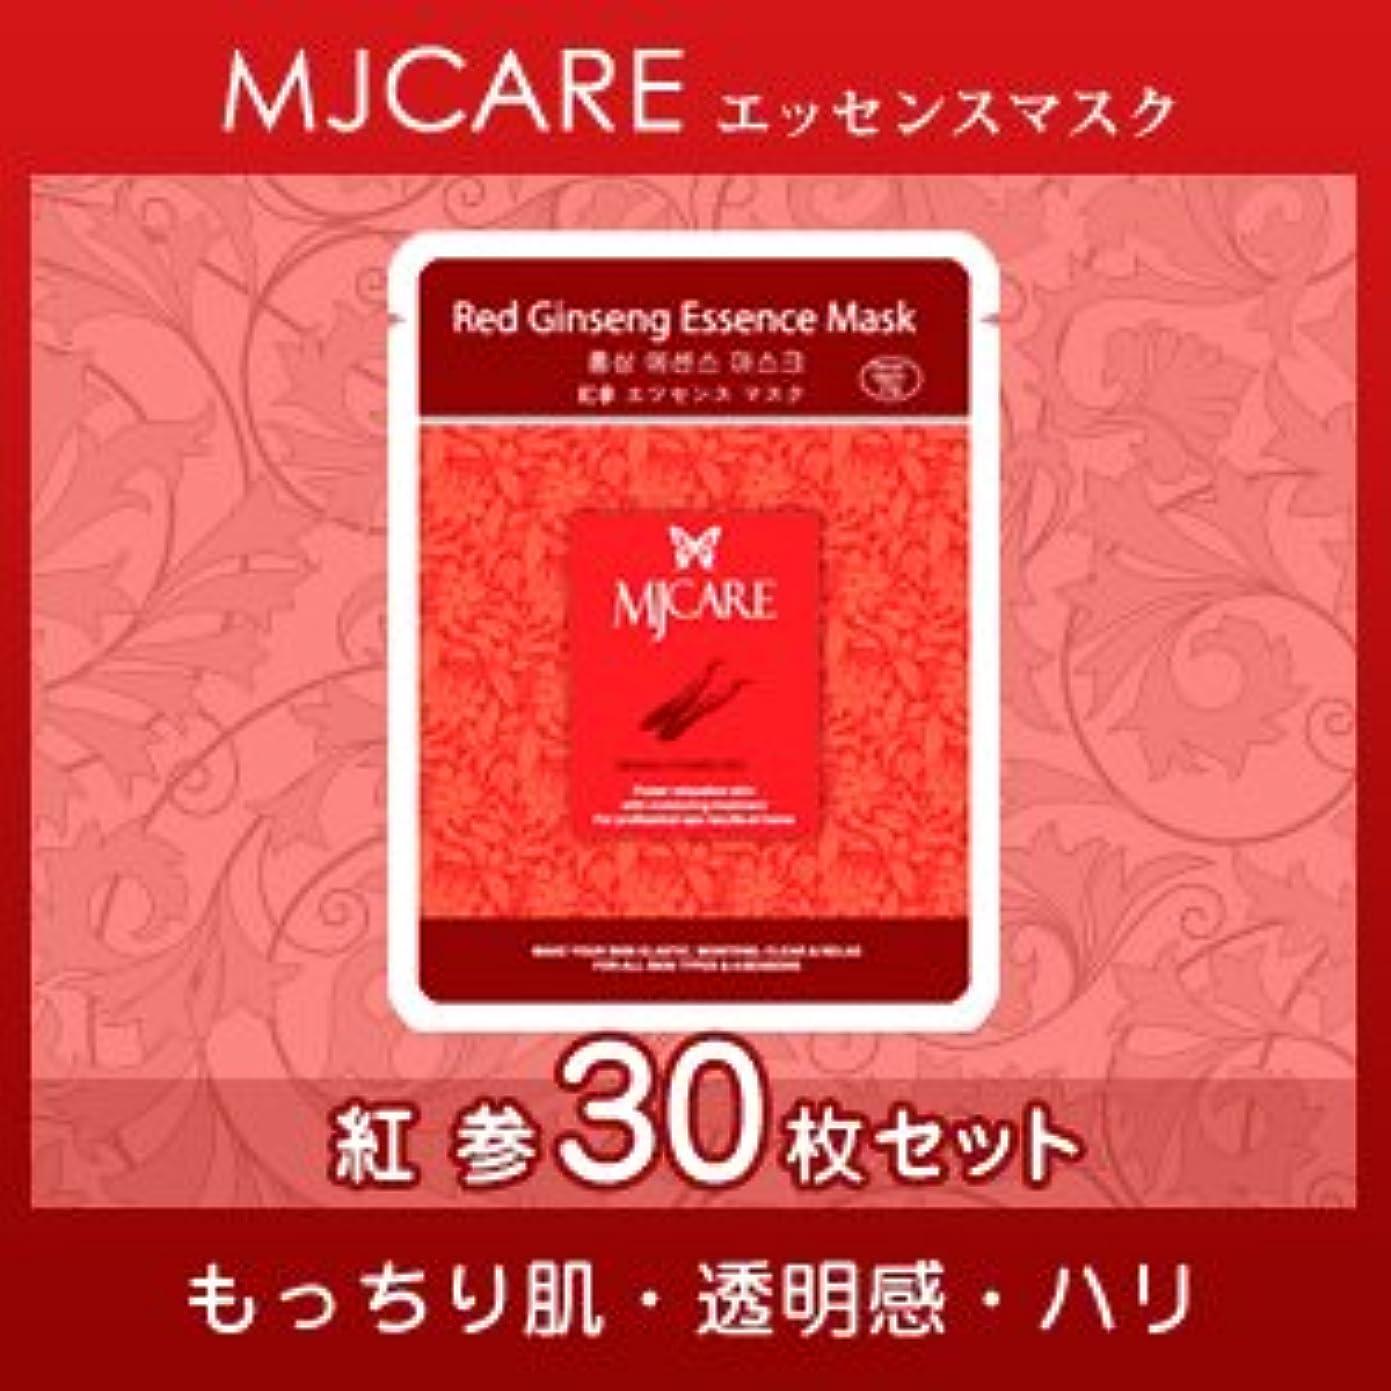 飛行場ぎこちない平和的MJCARE (エムジェイケア) 紅参 エッセンスマスク 30セット